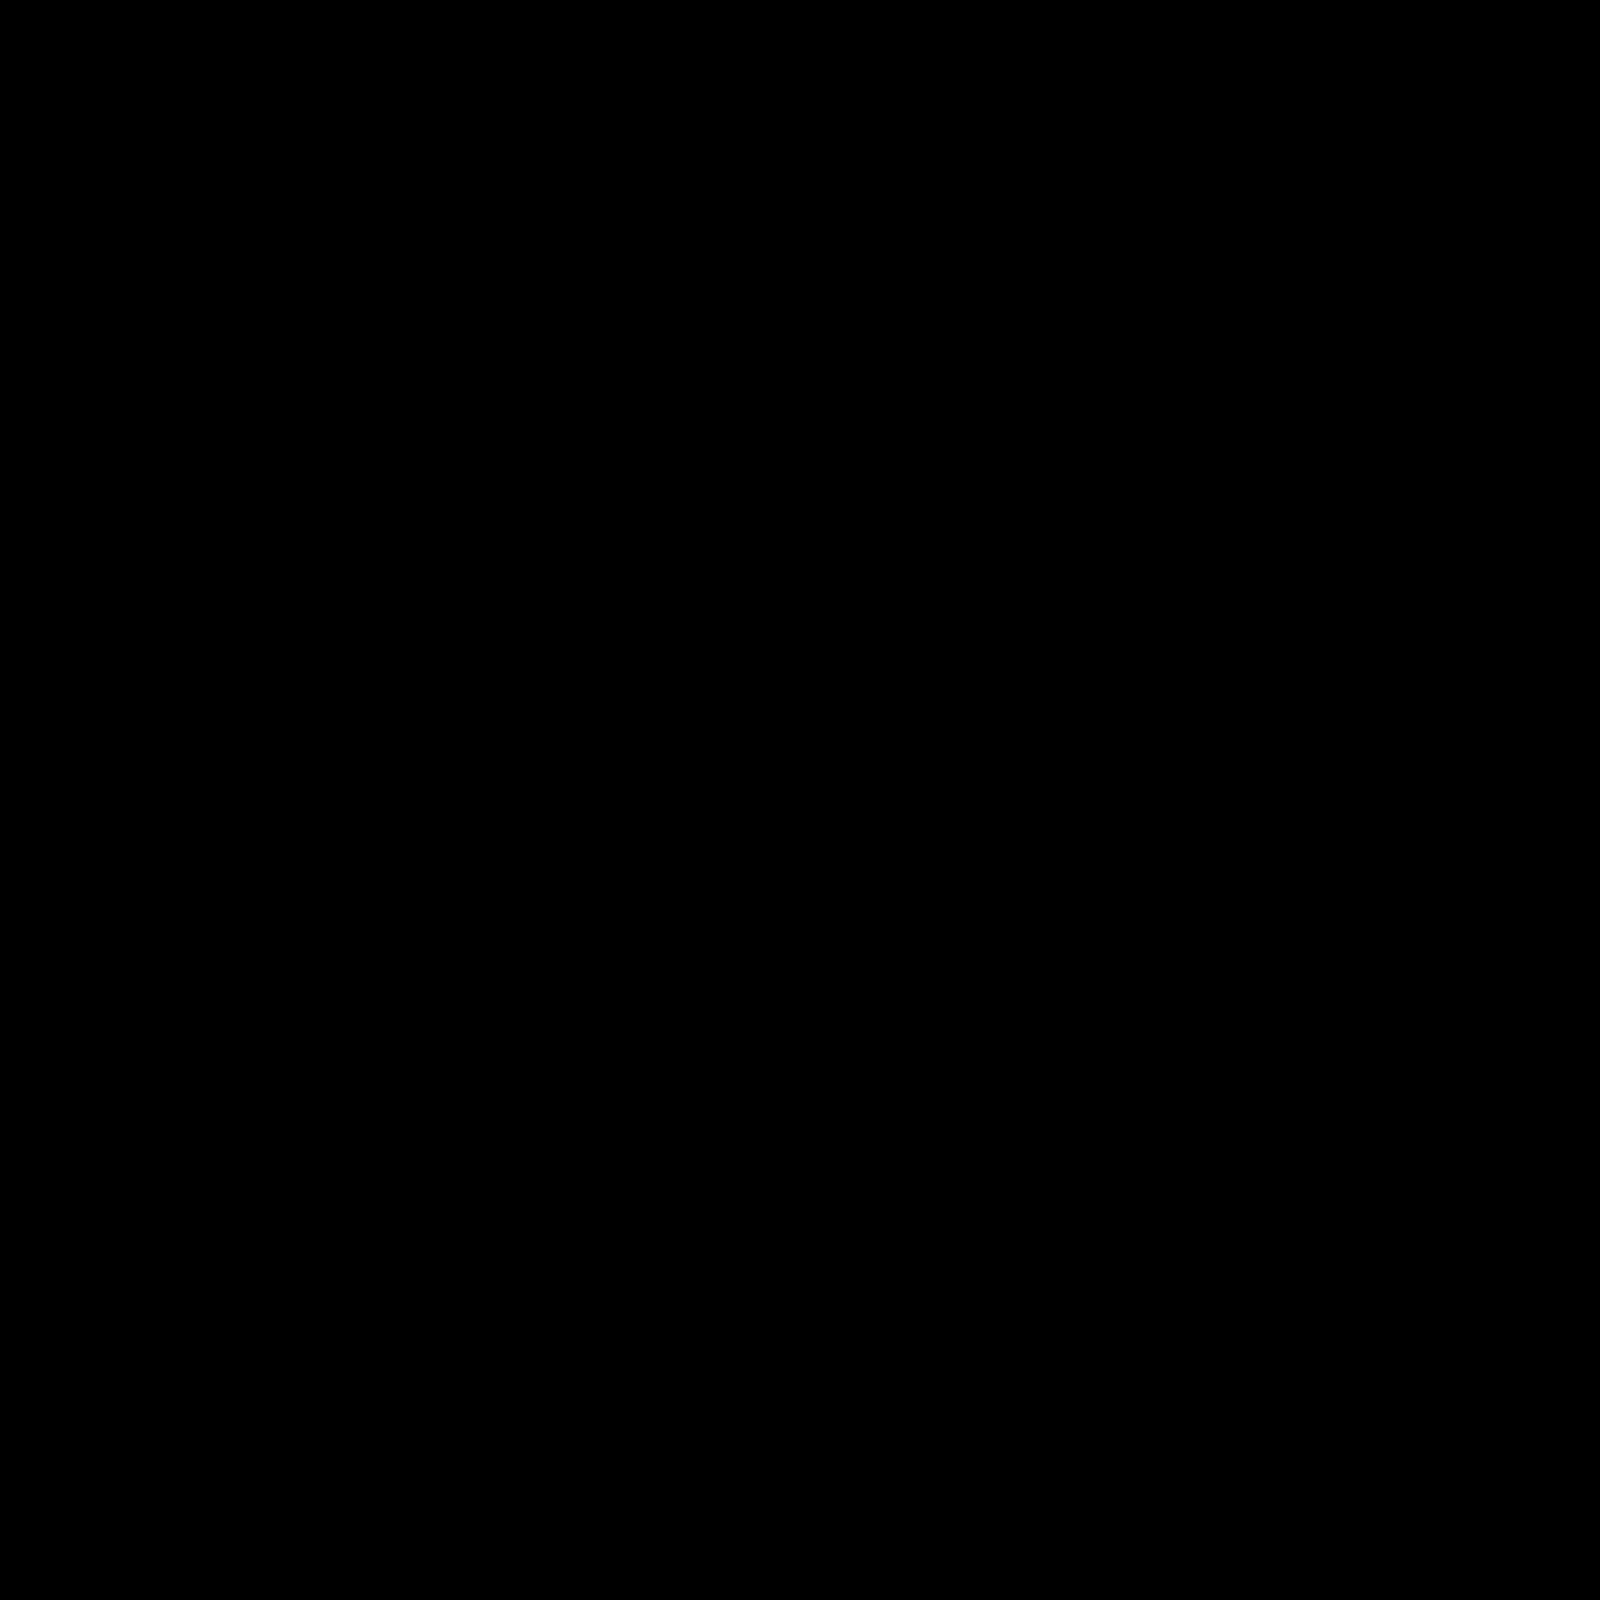 Le masque des taches des taches de pigment sur la personne